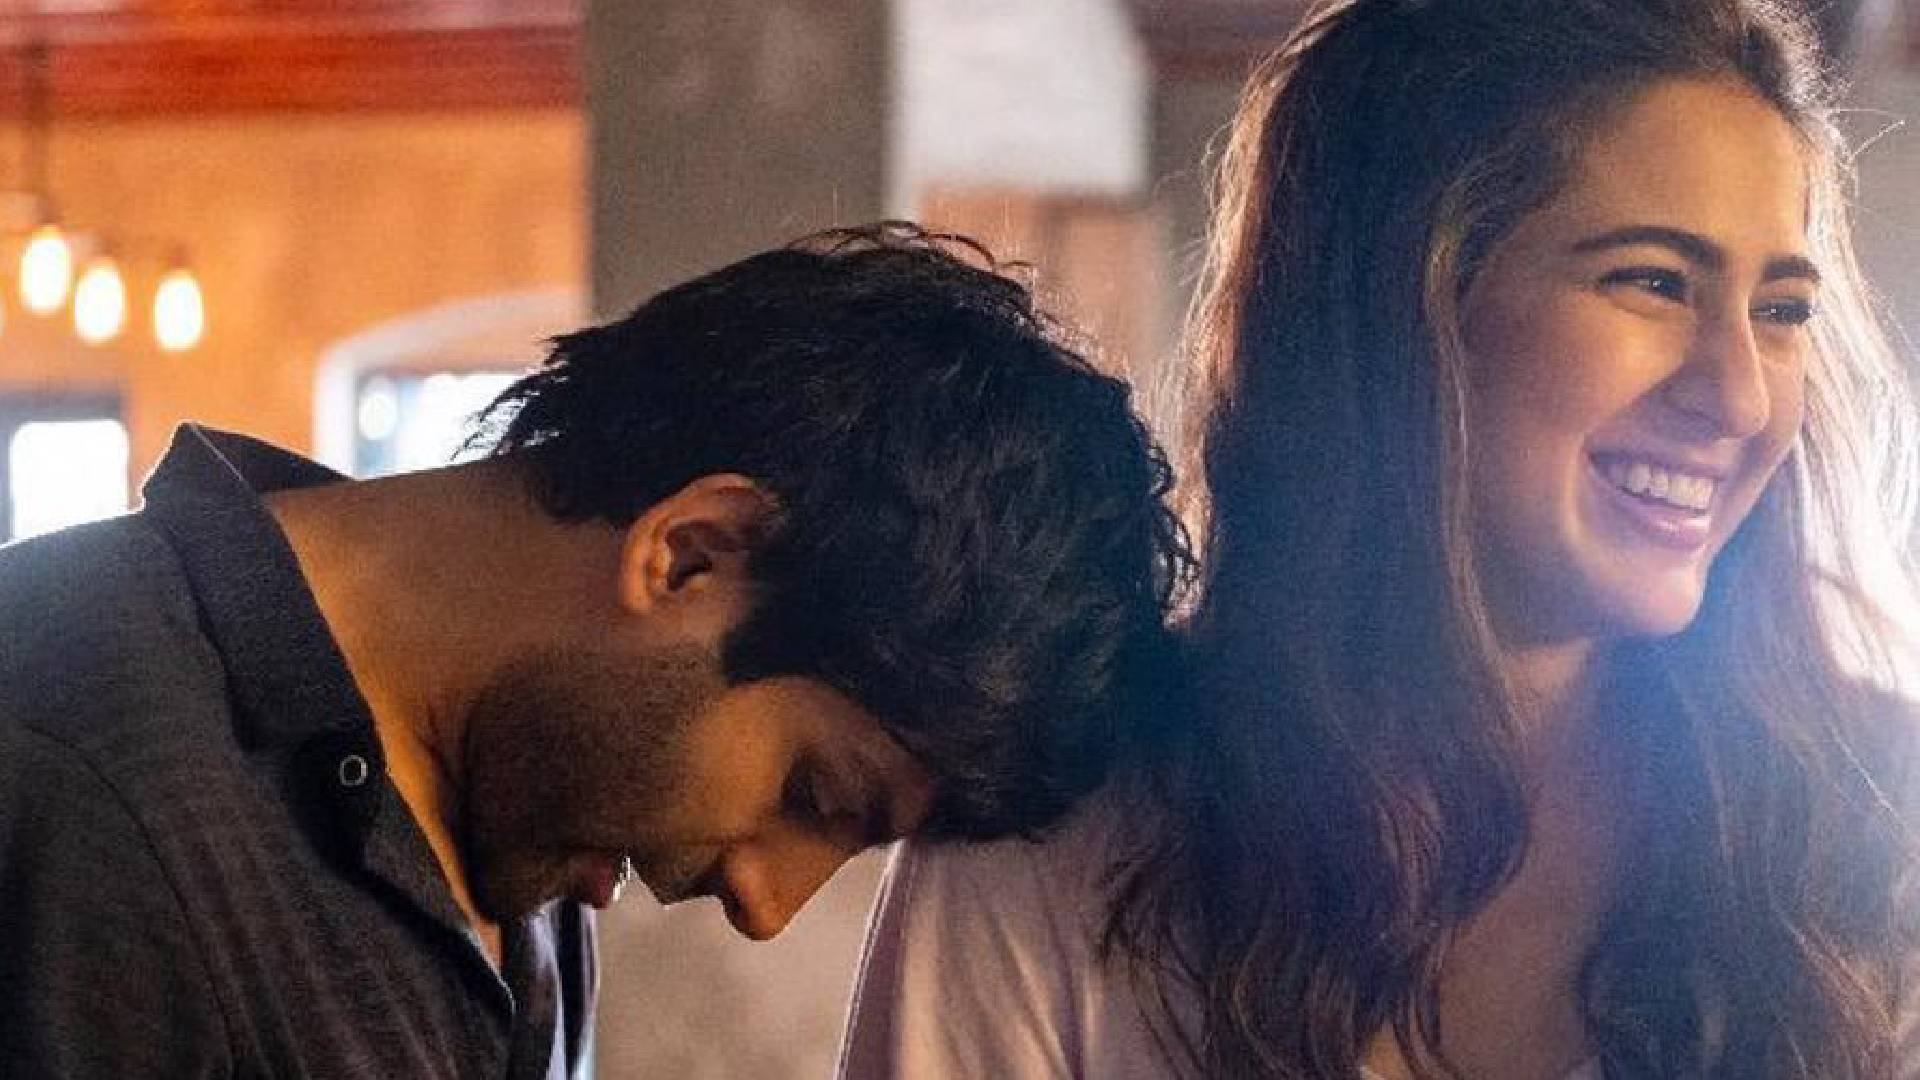 सारा अली खान-कार्तिक आर्यन के बीच बढ़ रहीं हैं नजदीकियां, एक-दूसरे को वीडियो कॉल कर जता रहे हैं अपना प्यार